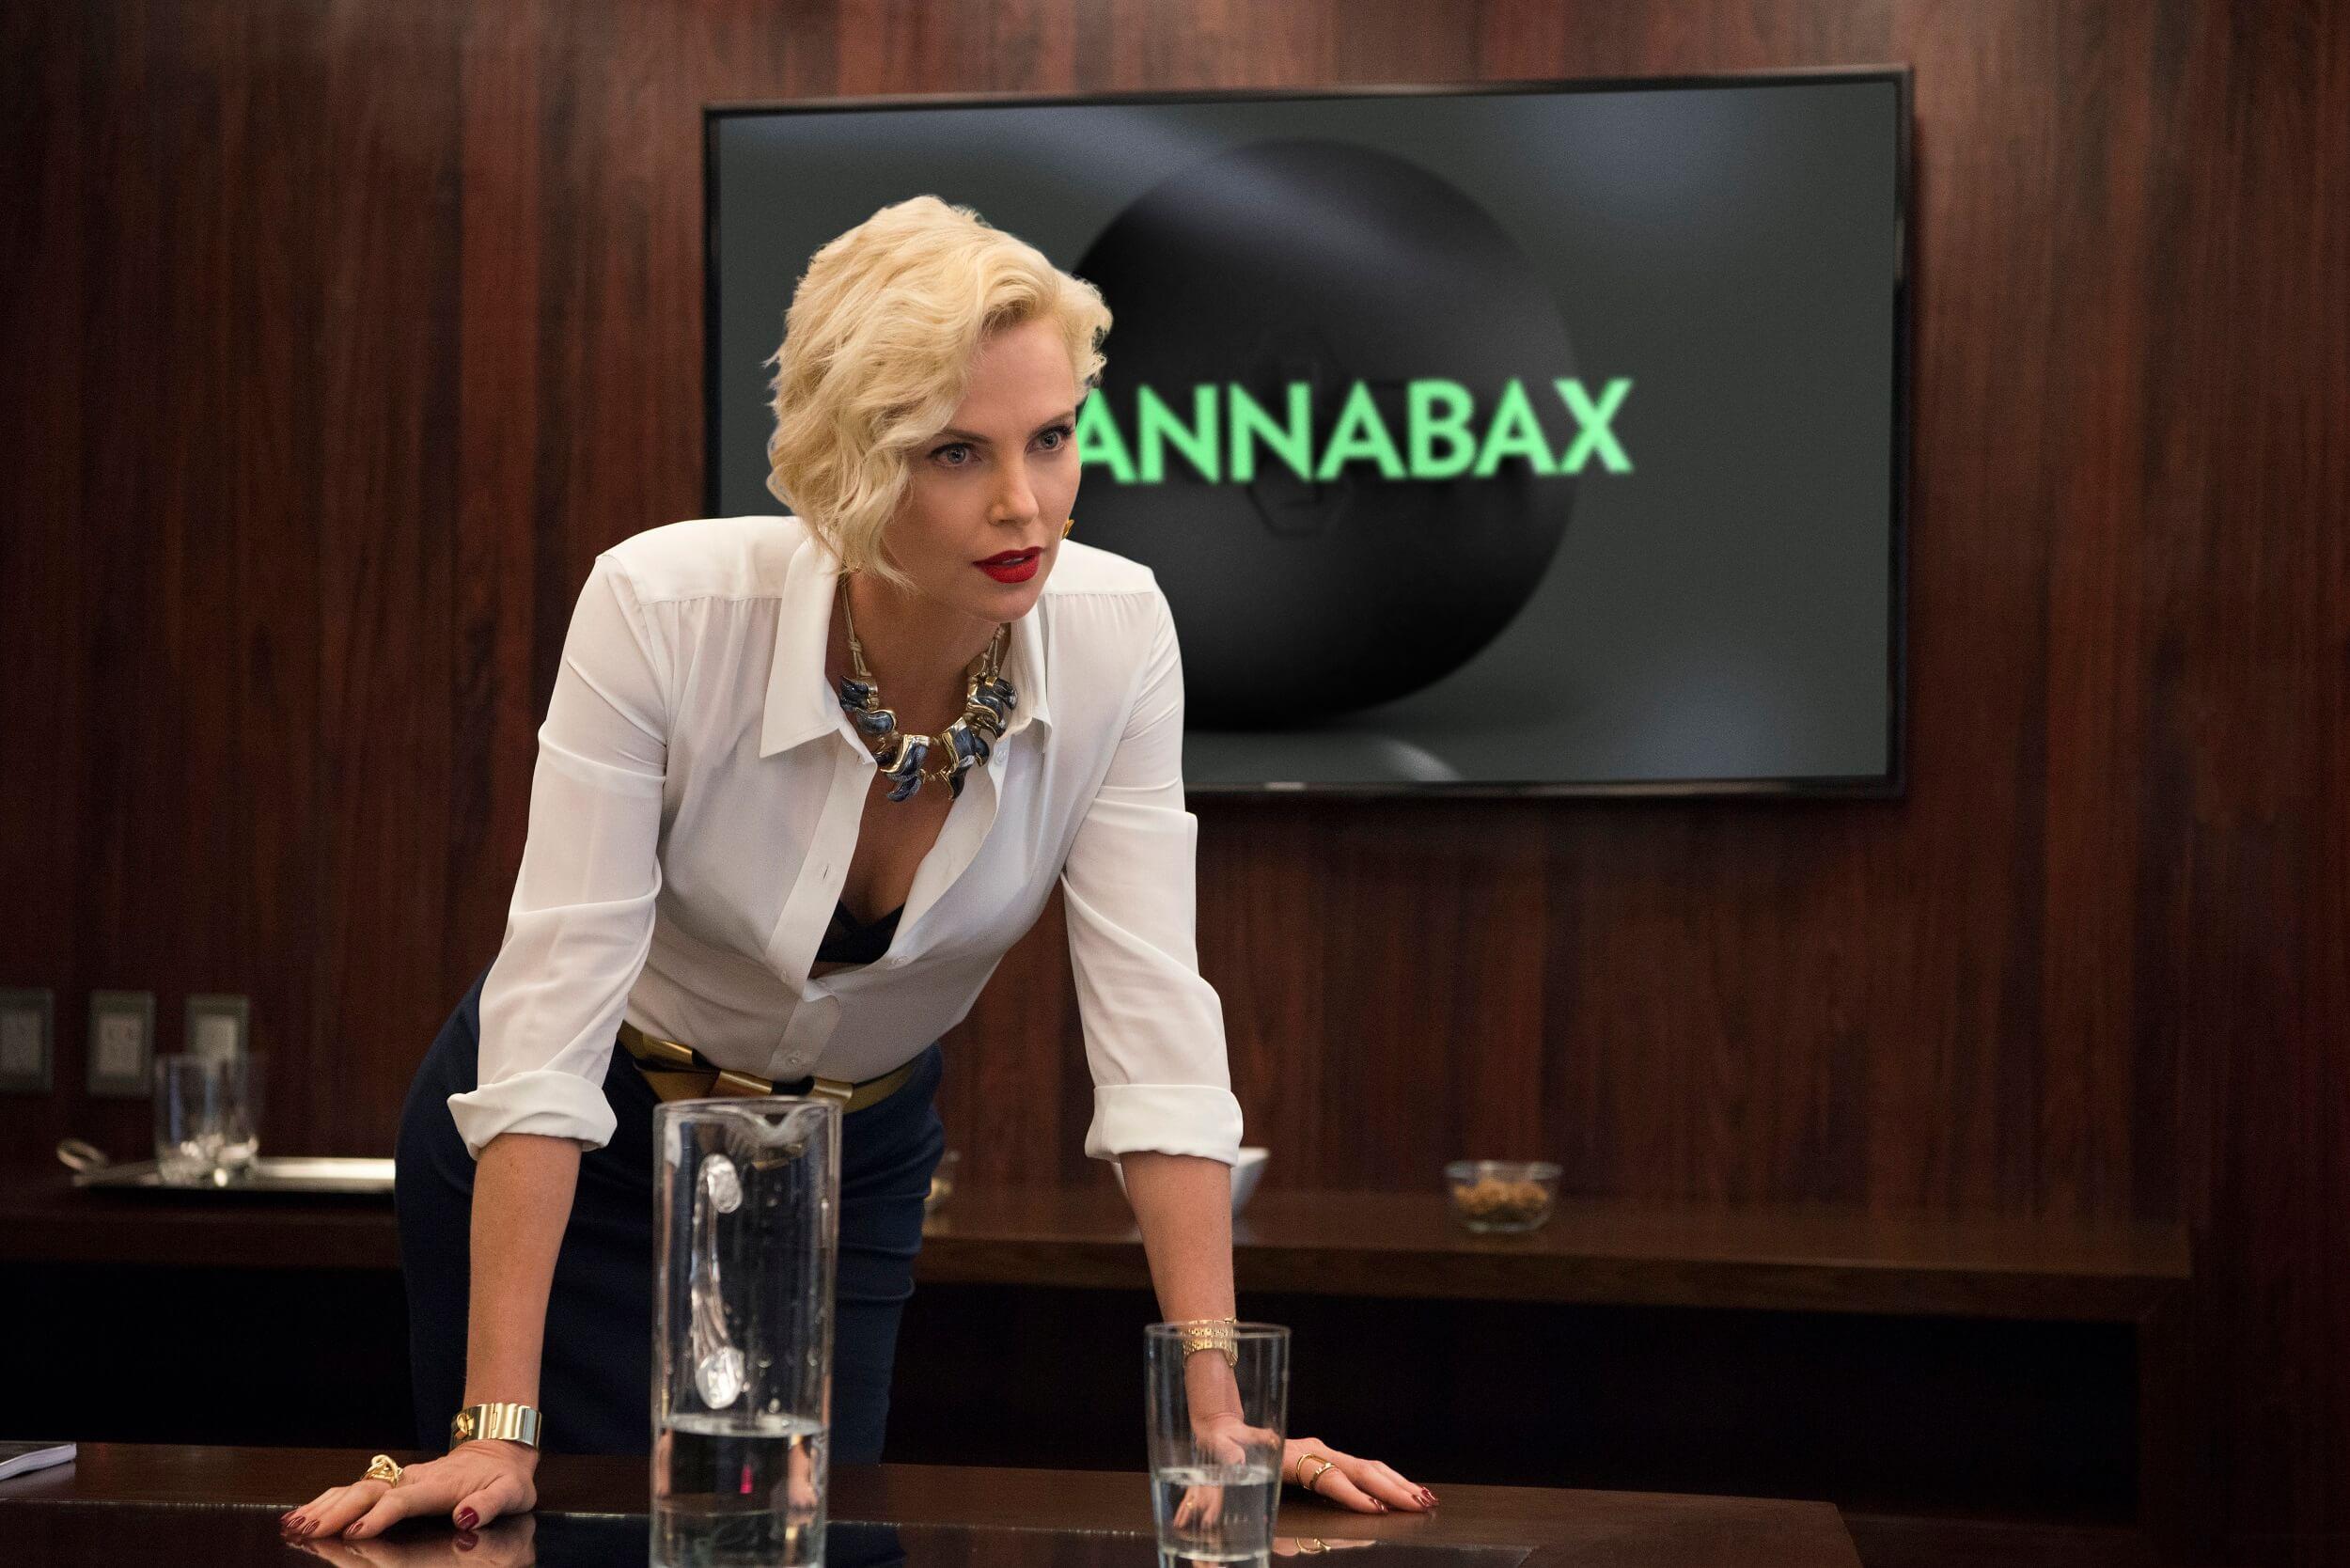 老闆好壞 莎莉賽隆 化身職場超辣女魔頭